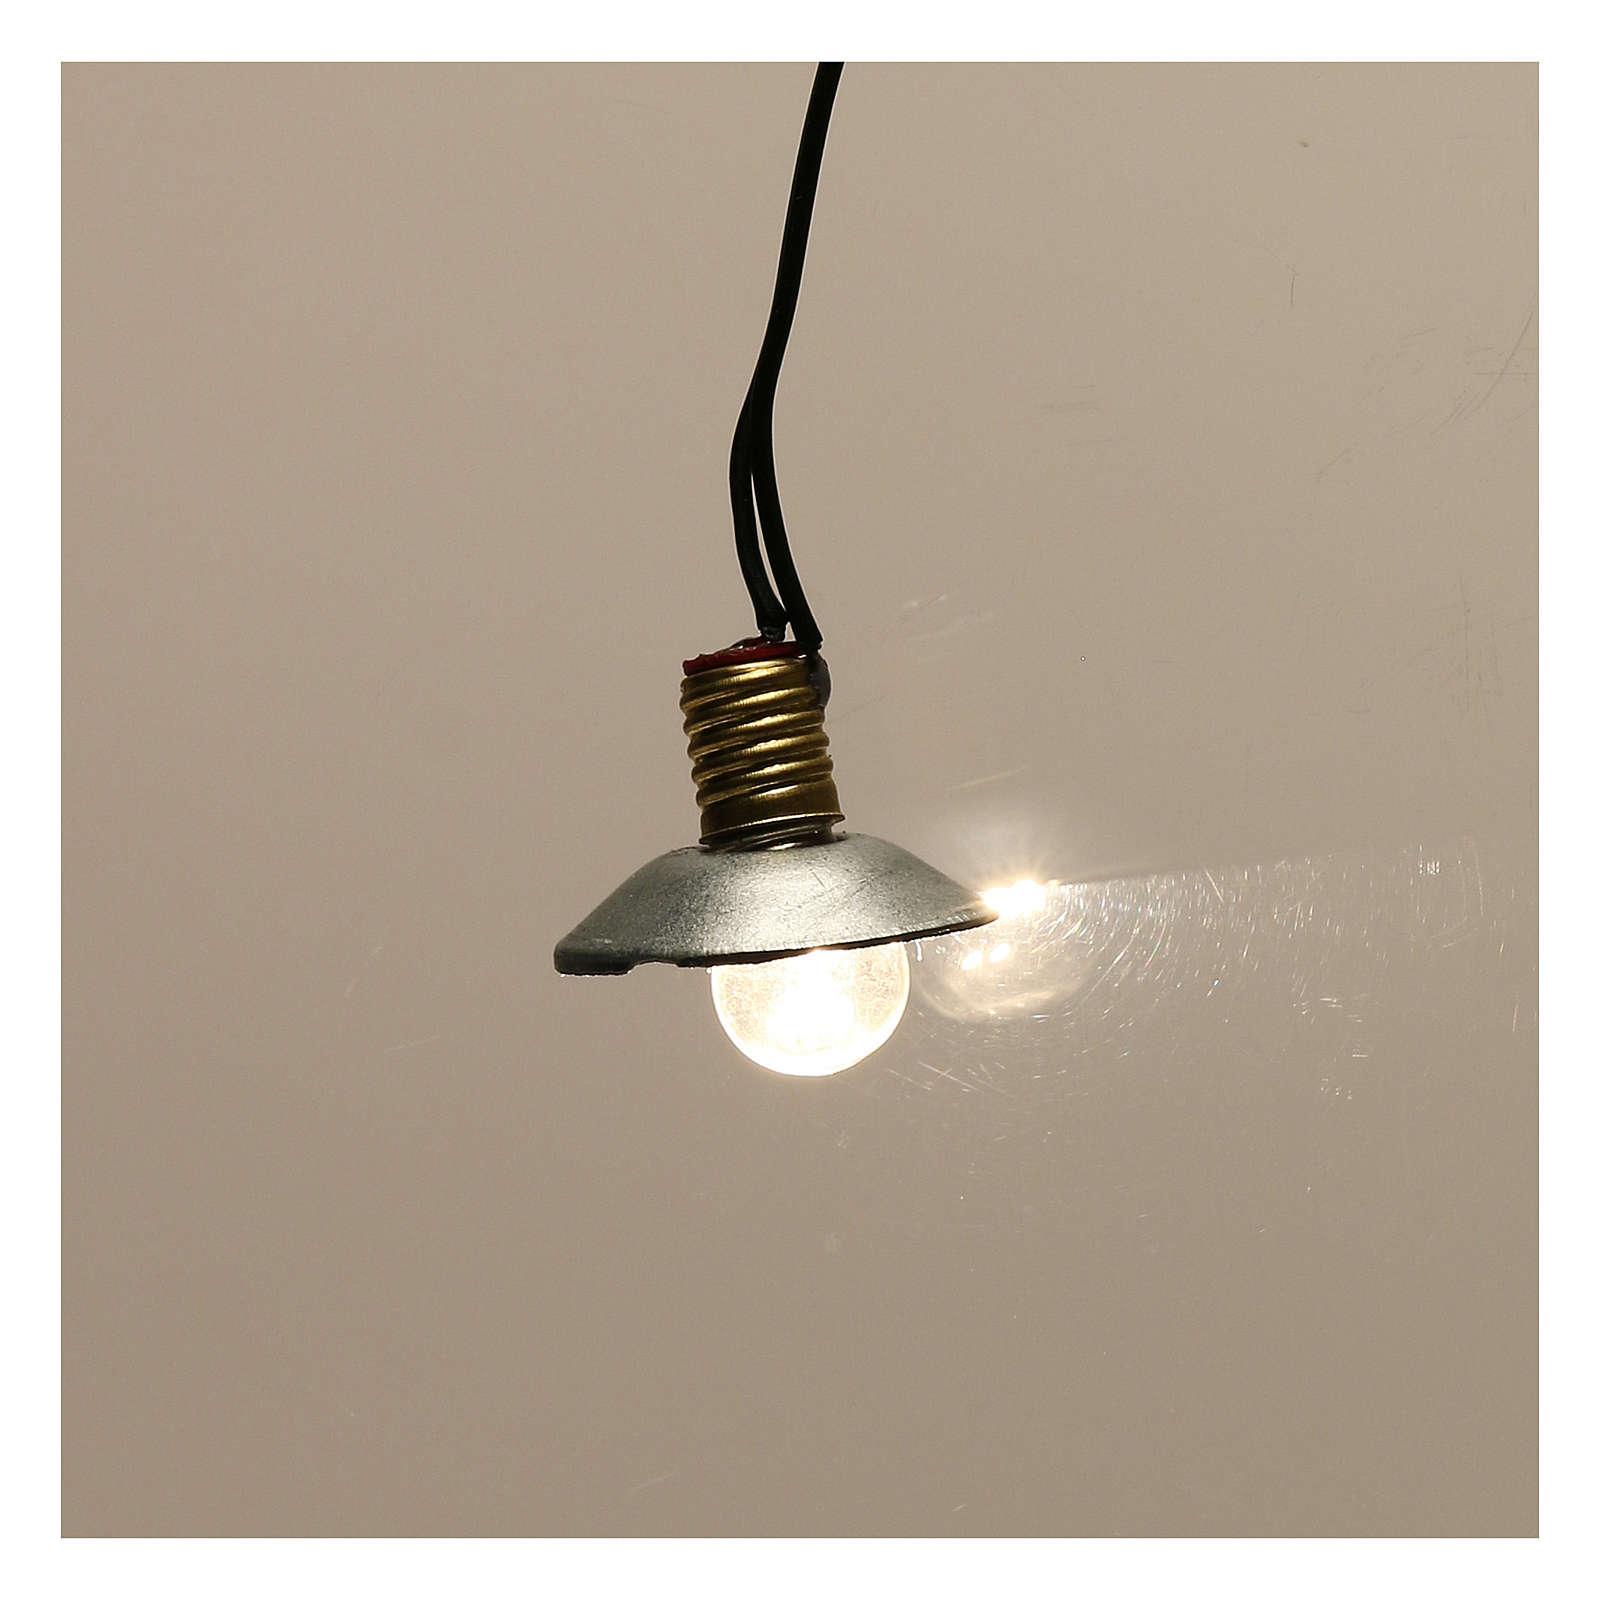 Lampe de rue avec abat-jour en métal 3,5V 1 cm crèche basse tension 4